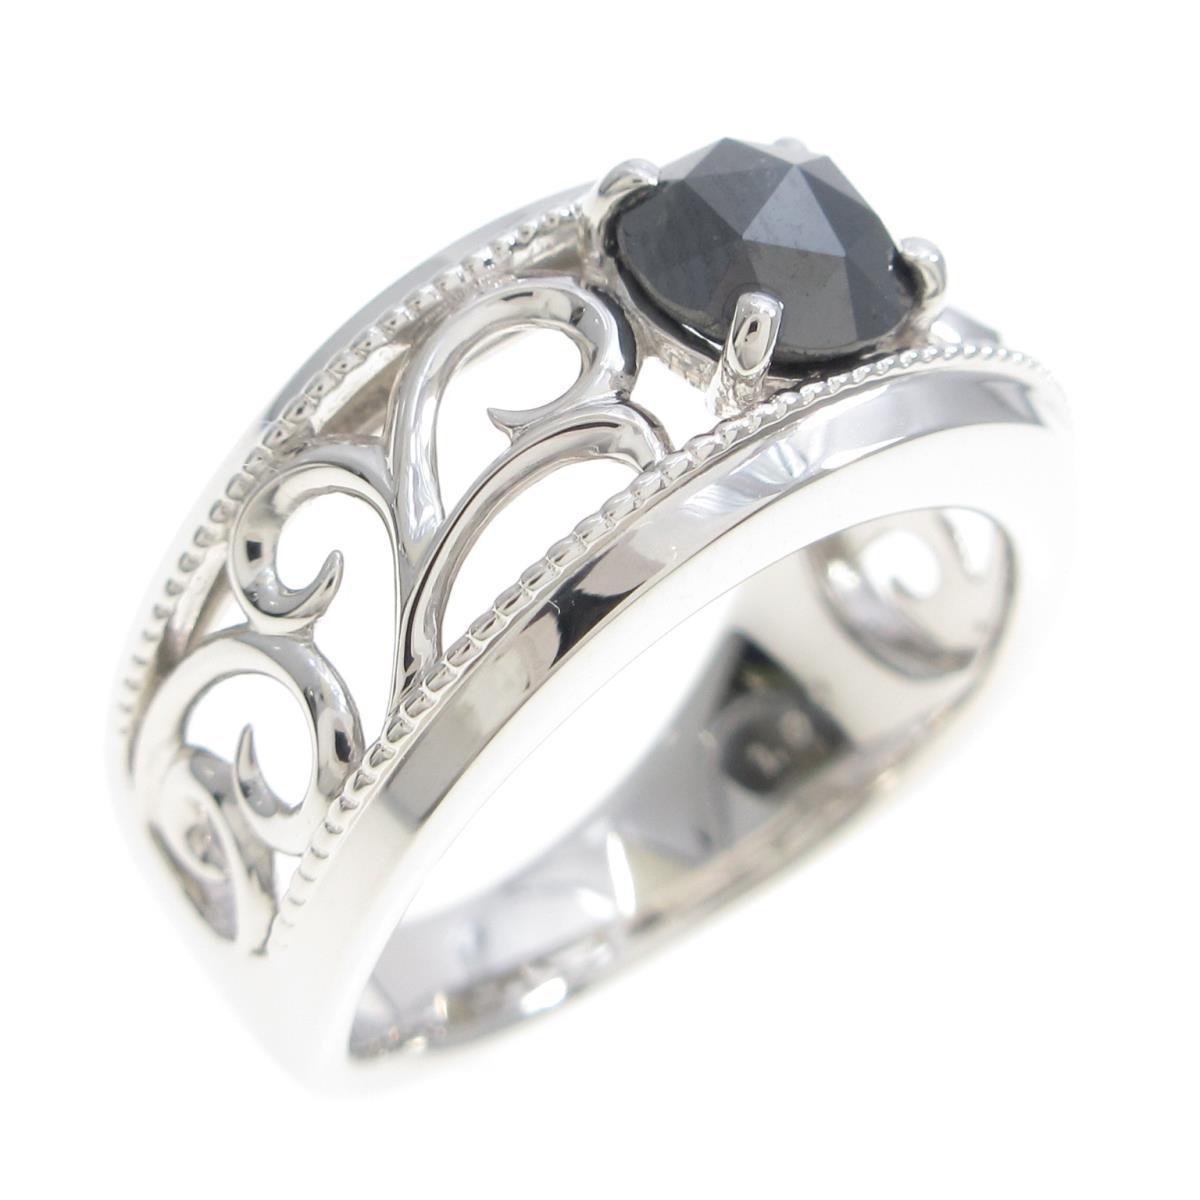 毎日激安特売で 営業中です 新作からSALEアイテム等お得な商品 満載 PT ダイヤモンドリング 中古